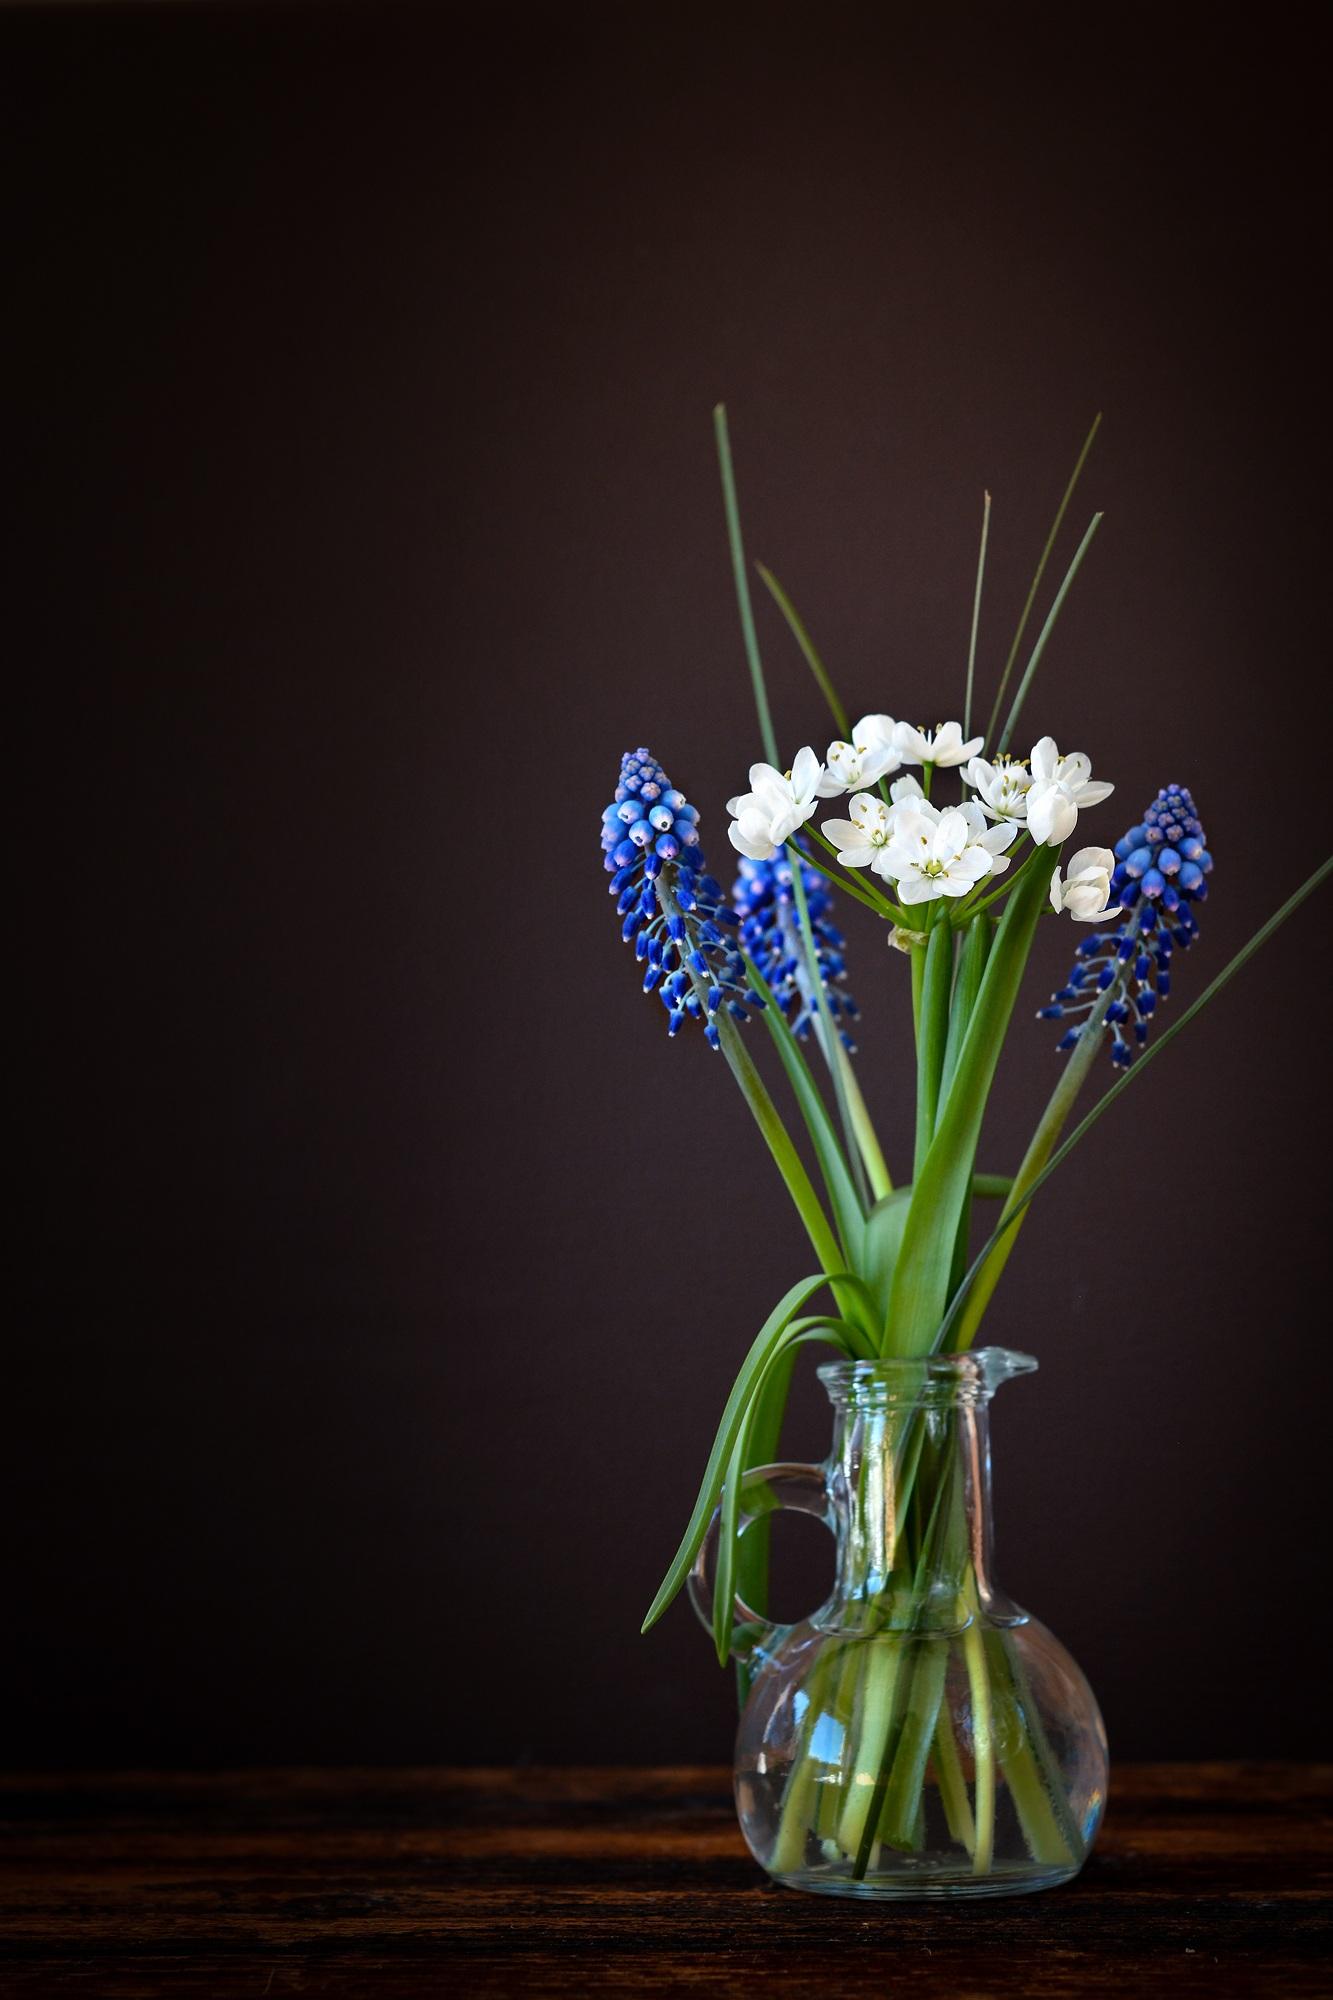 Gambar Menanam Putih Kaca Vas Dekorasi Hijau Biru Dekat Bunga Batu Masih Hidup Lukisan Deco Seni Muscari Budidaya Yakut